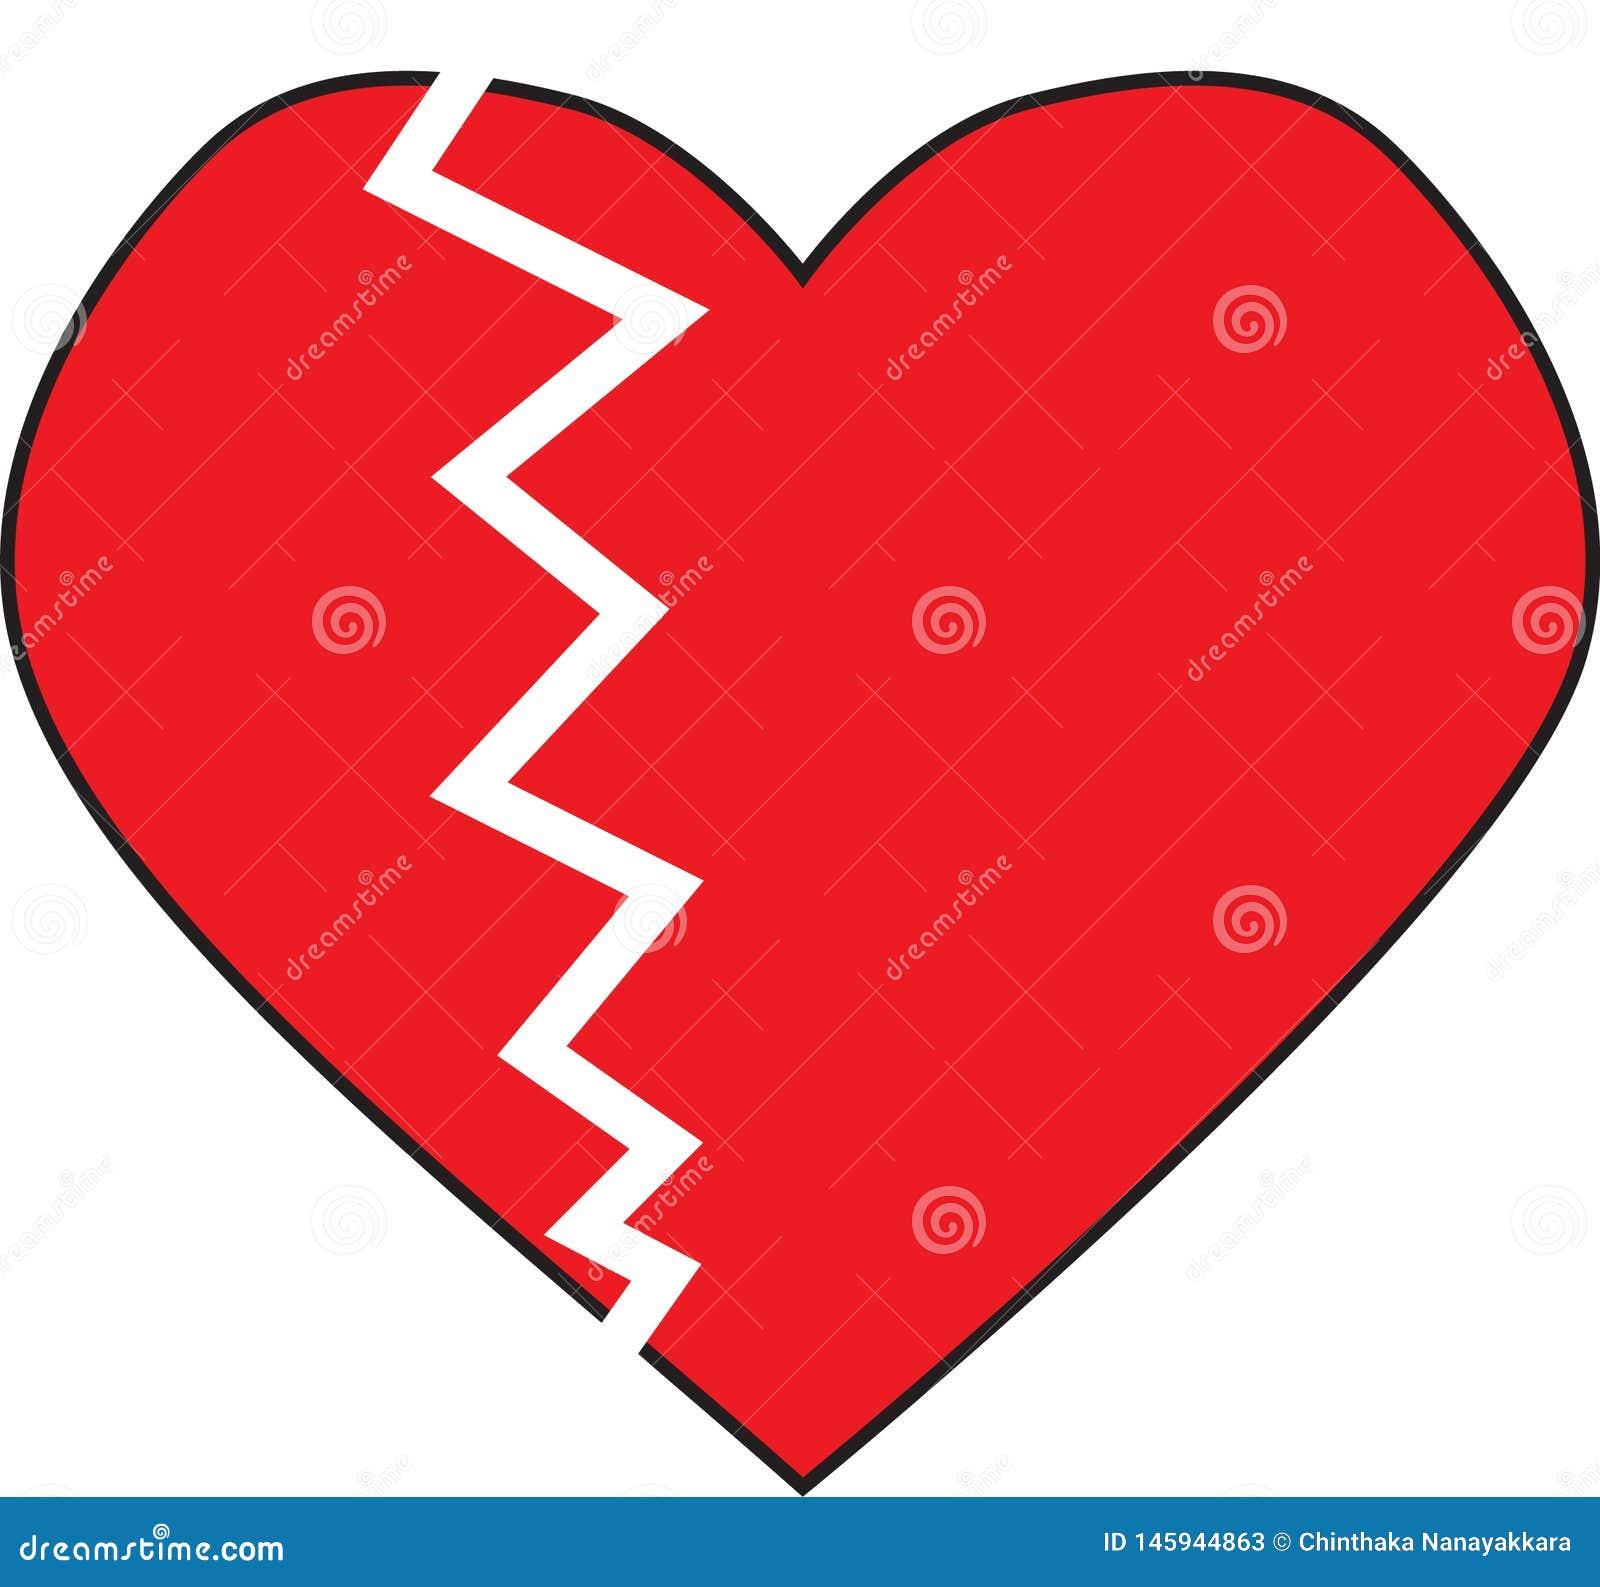 Le coeur brisé avec la marque criquée blanche